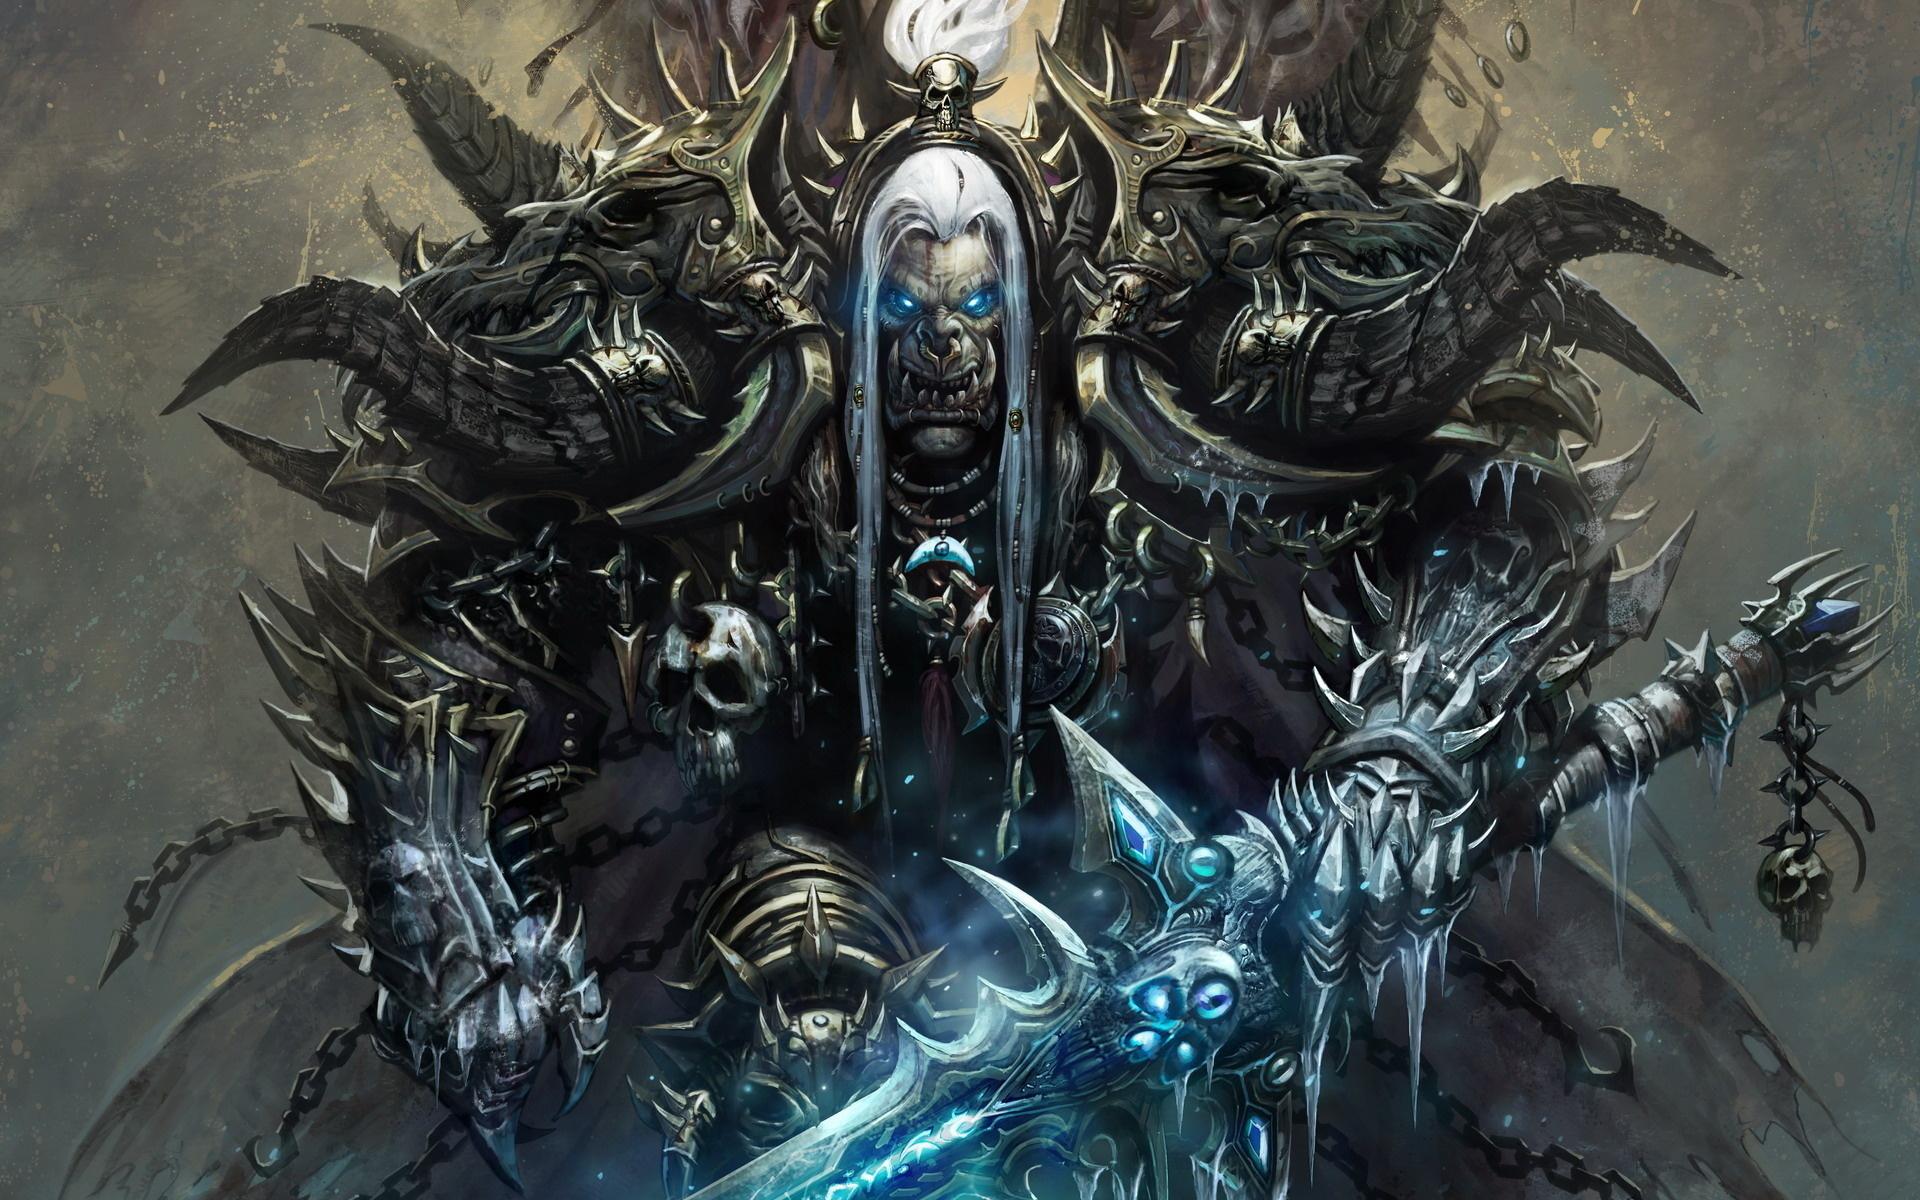 World Of Warcraft Wallpaper Hd wallpaper   1124613 1920x1200